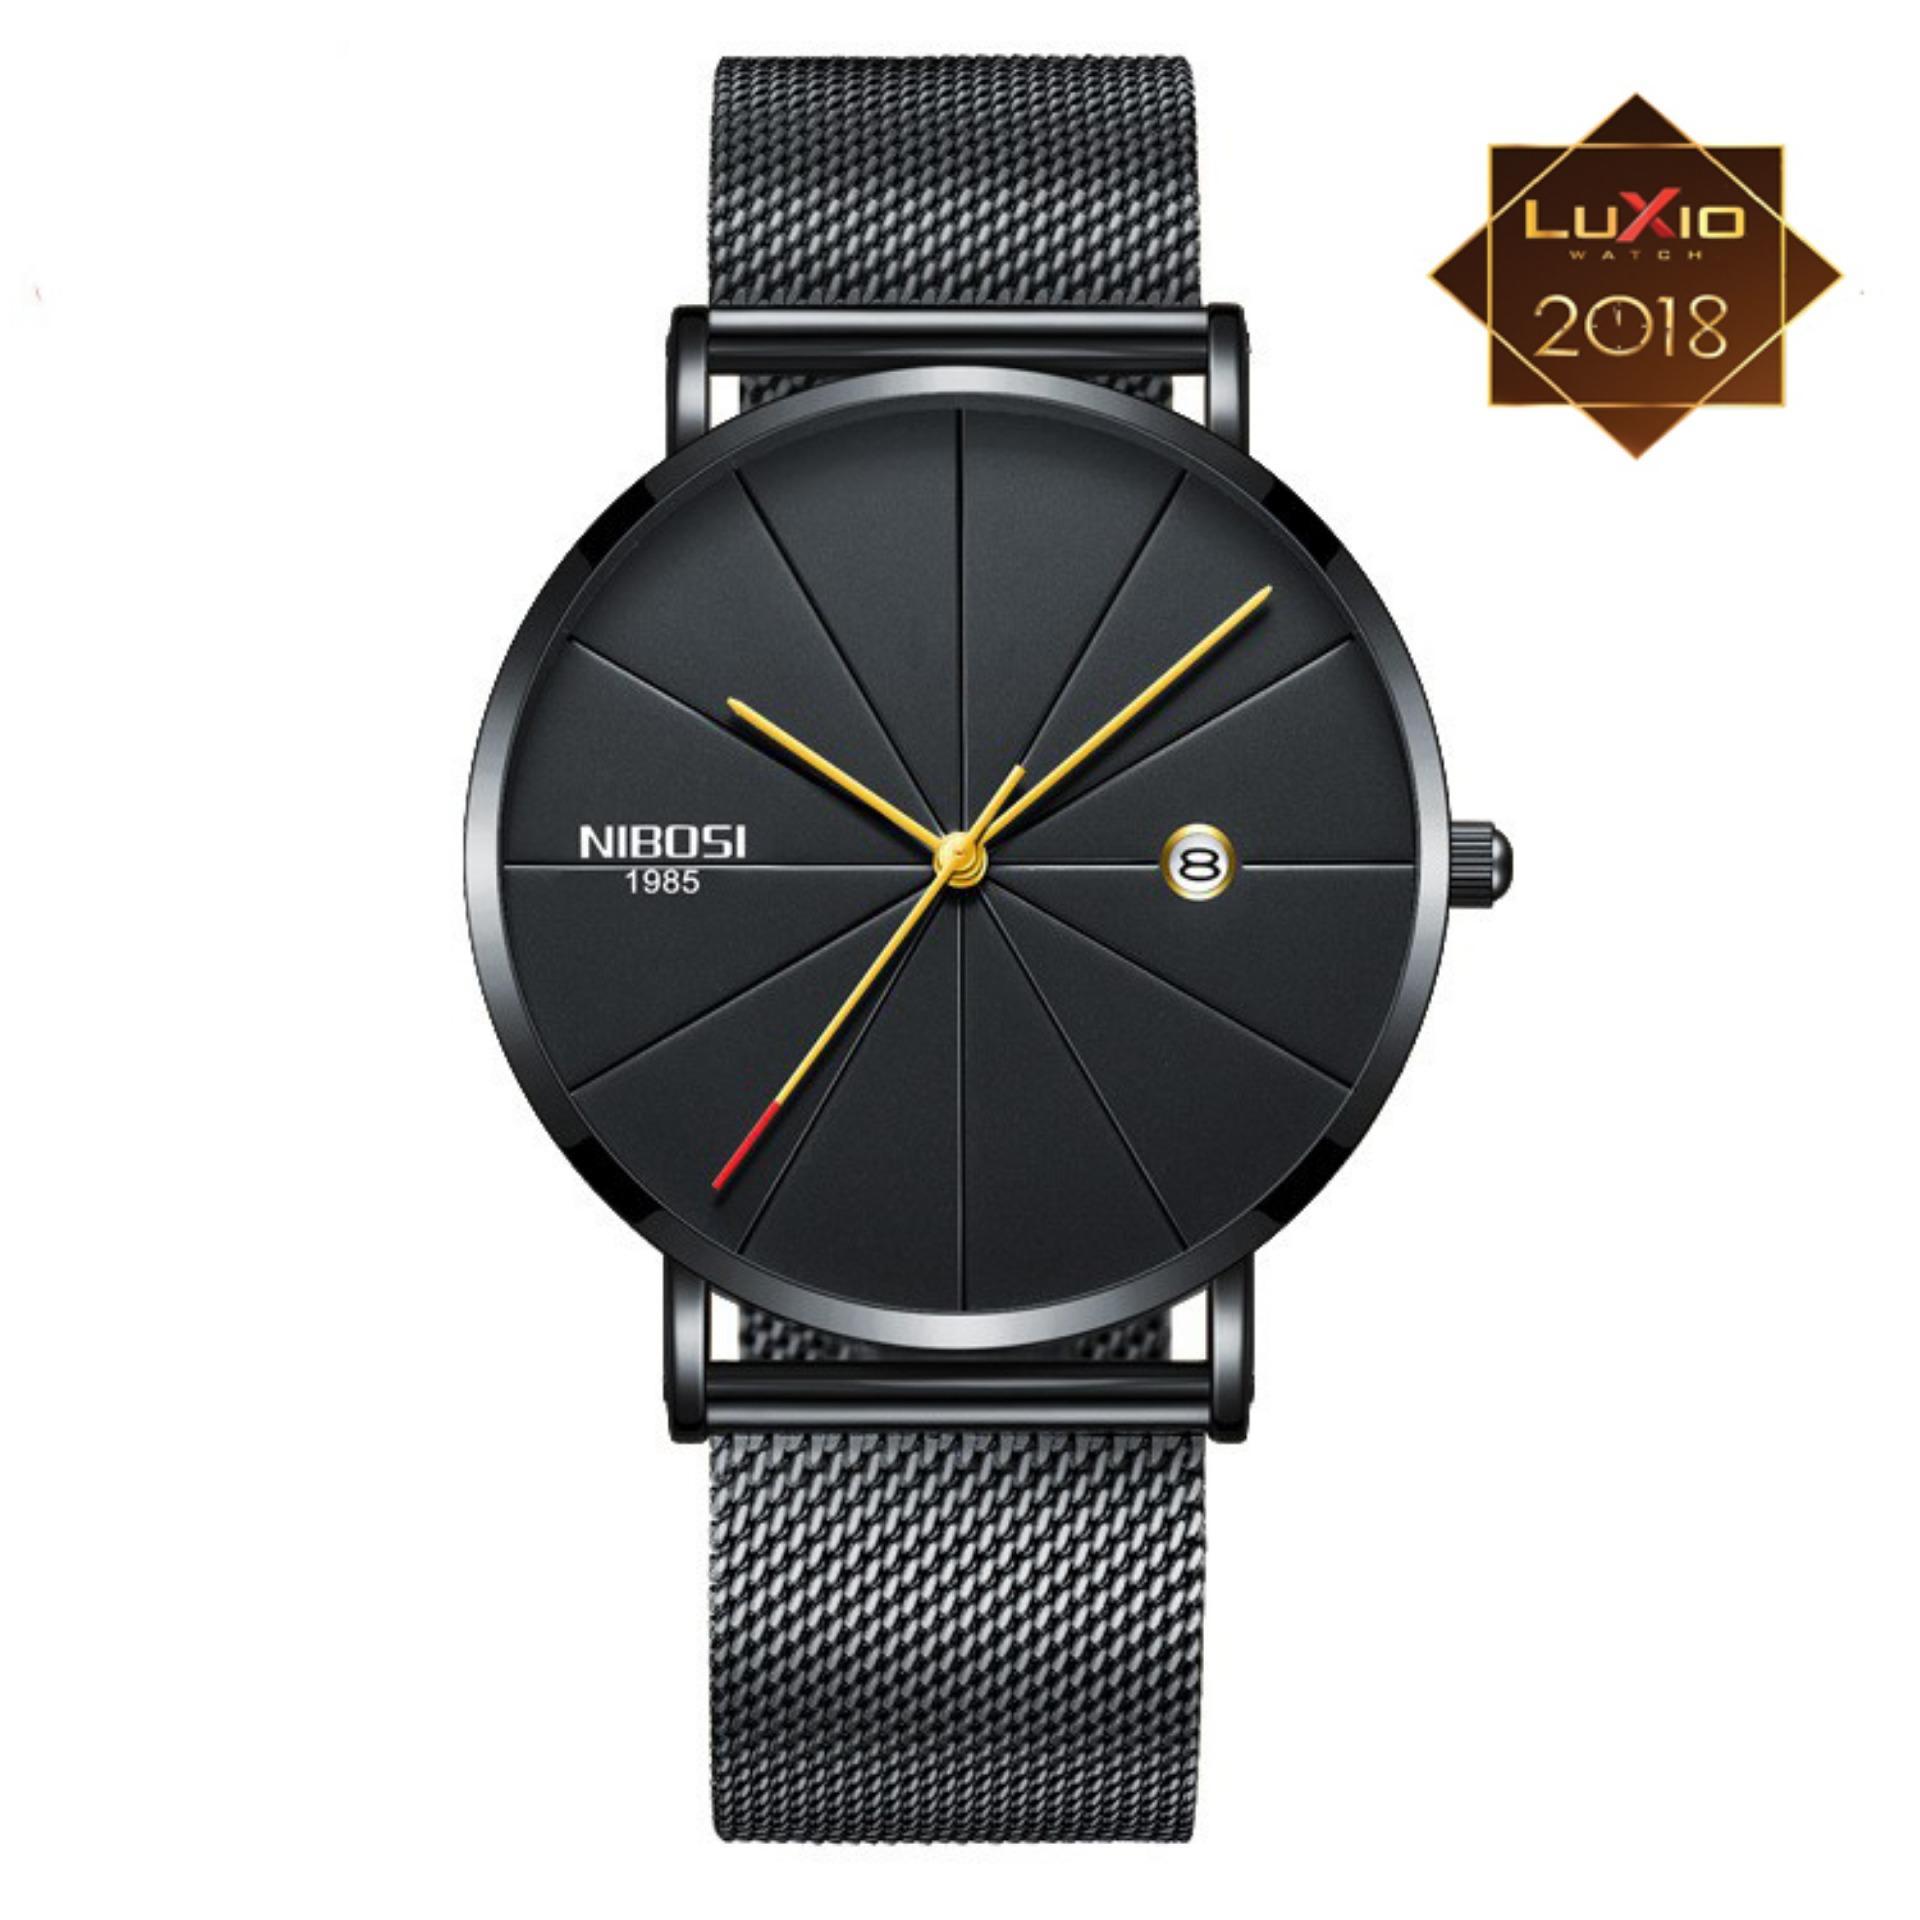 (SIÊU TRỢ GIÁ)Đồng hồ nam doanh nhân Nibosi dây thép nhuyễn không gỉ  - Siêu đẳng cấp